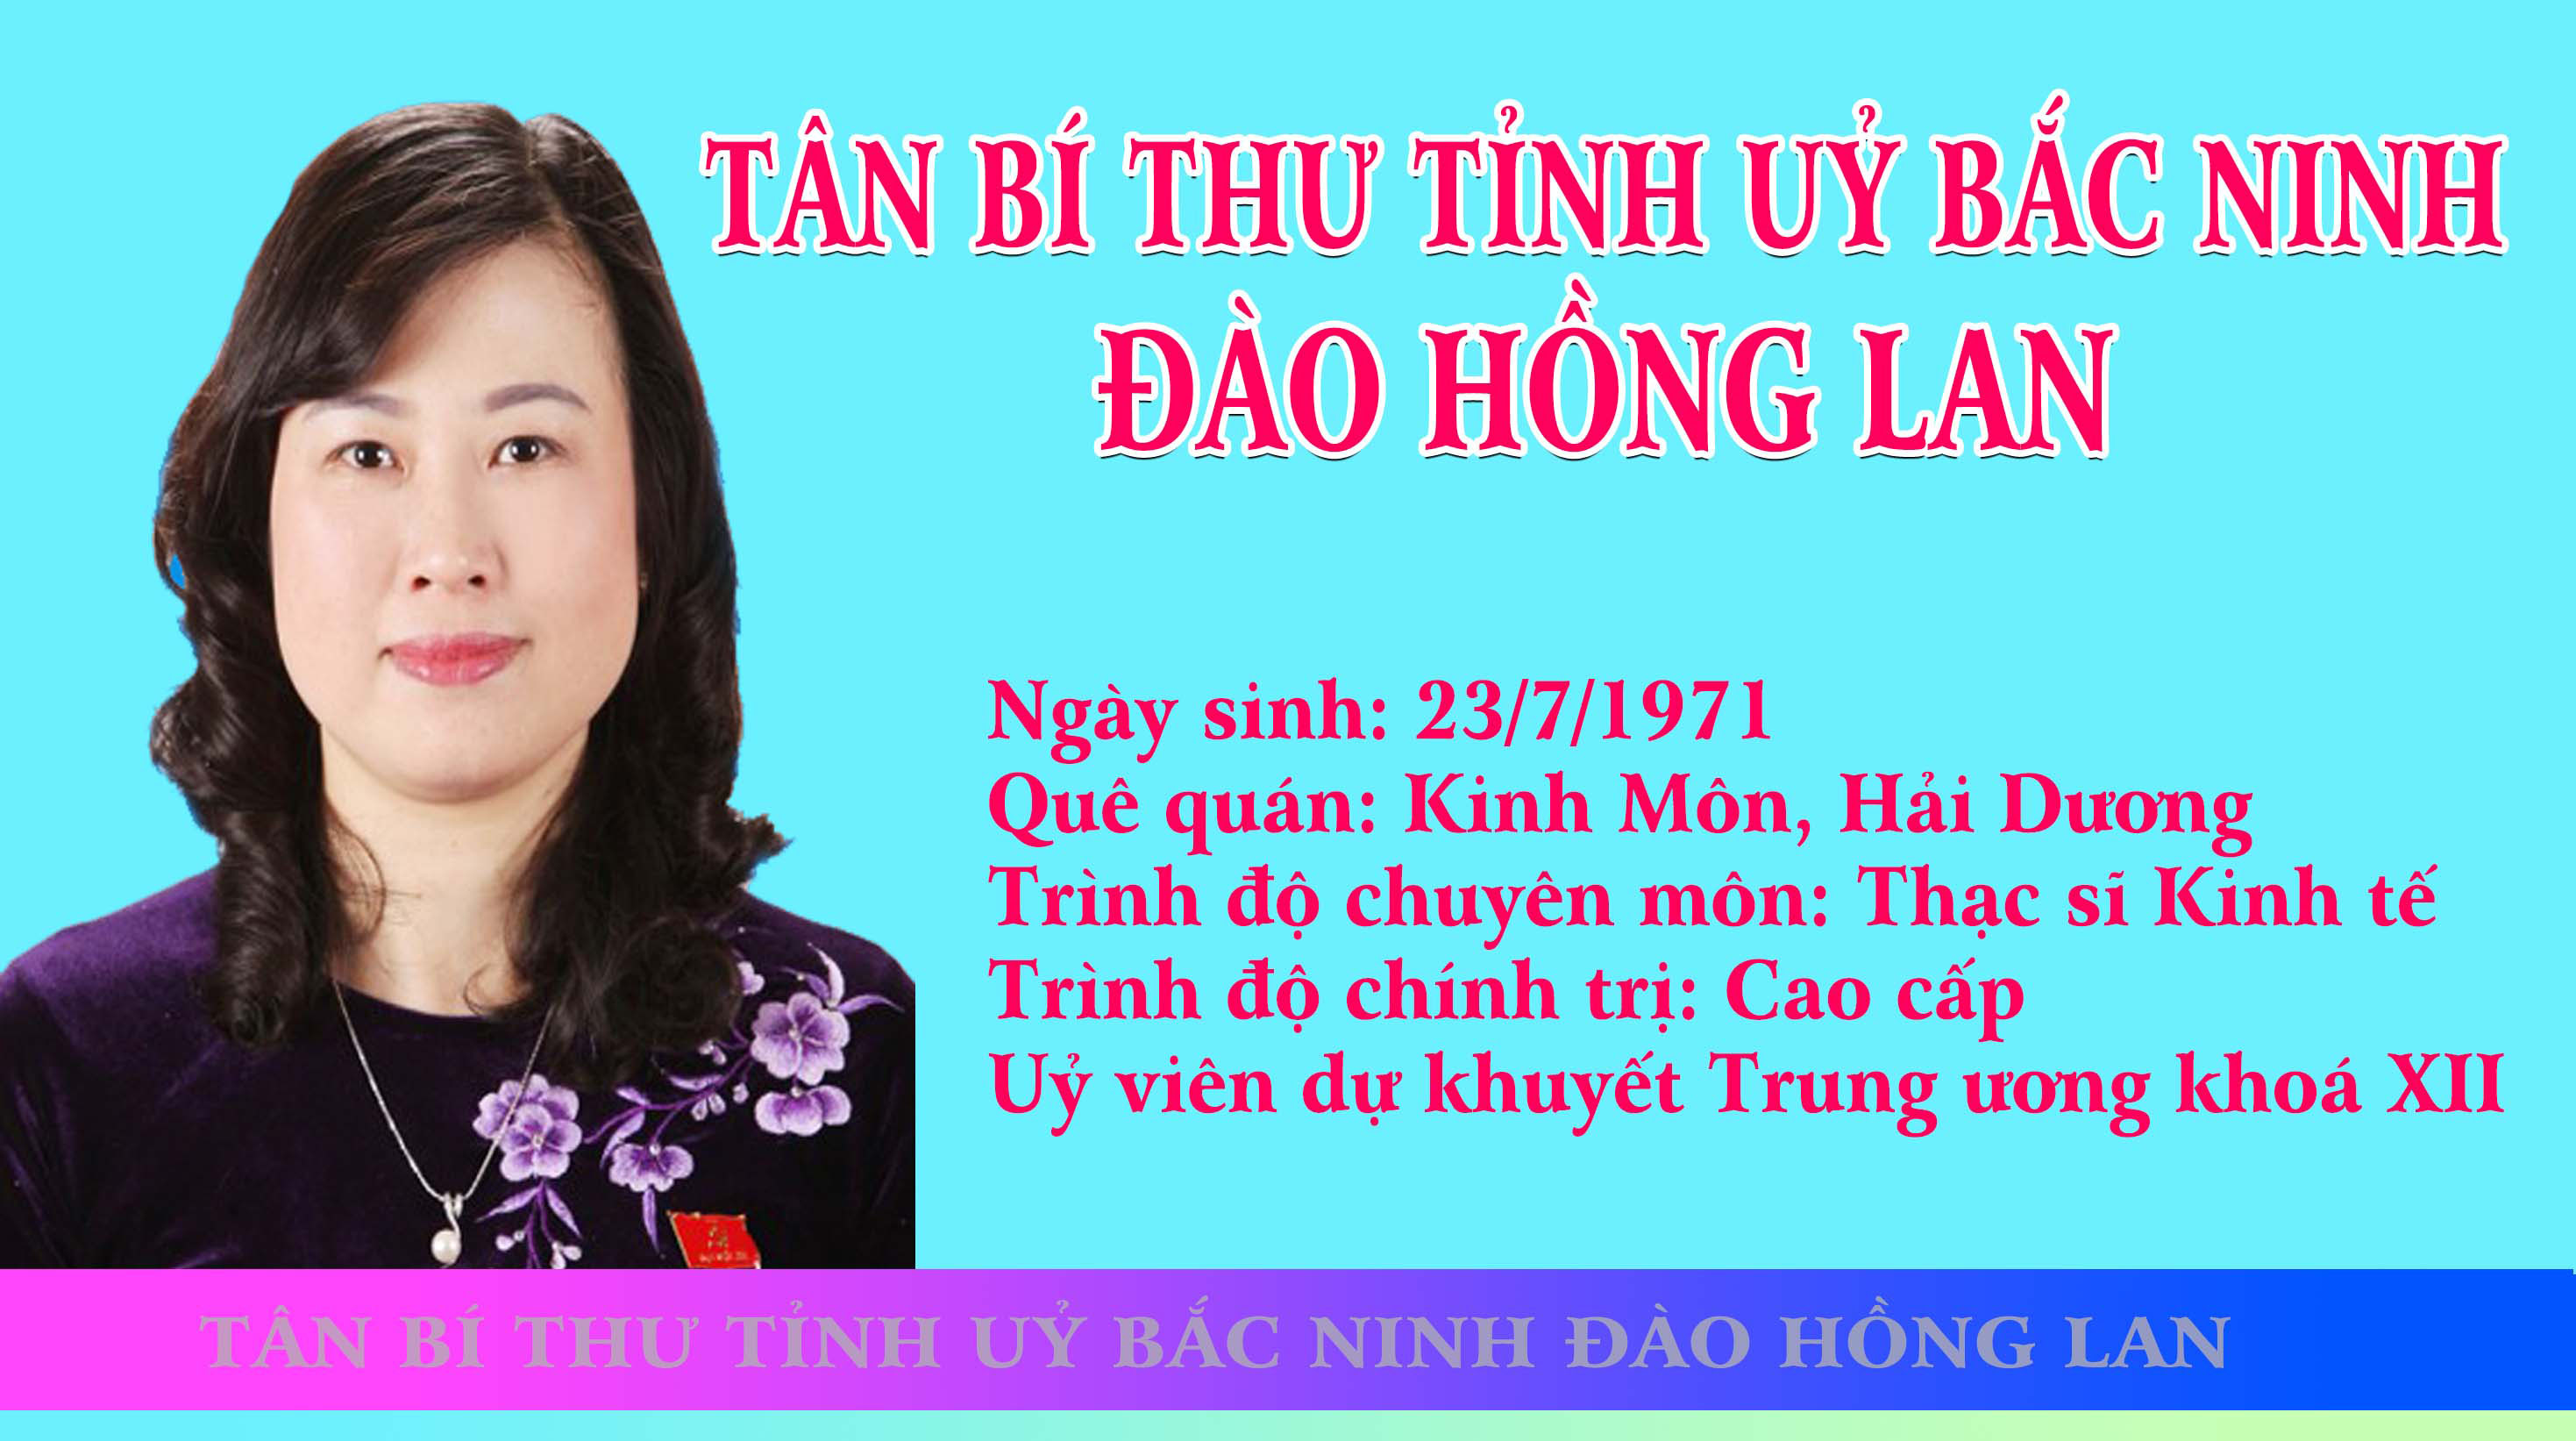 [Infographics] Tân Bí thư Tỉnh ủy Bắc Ninh Đào Hồng Lan